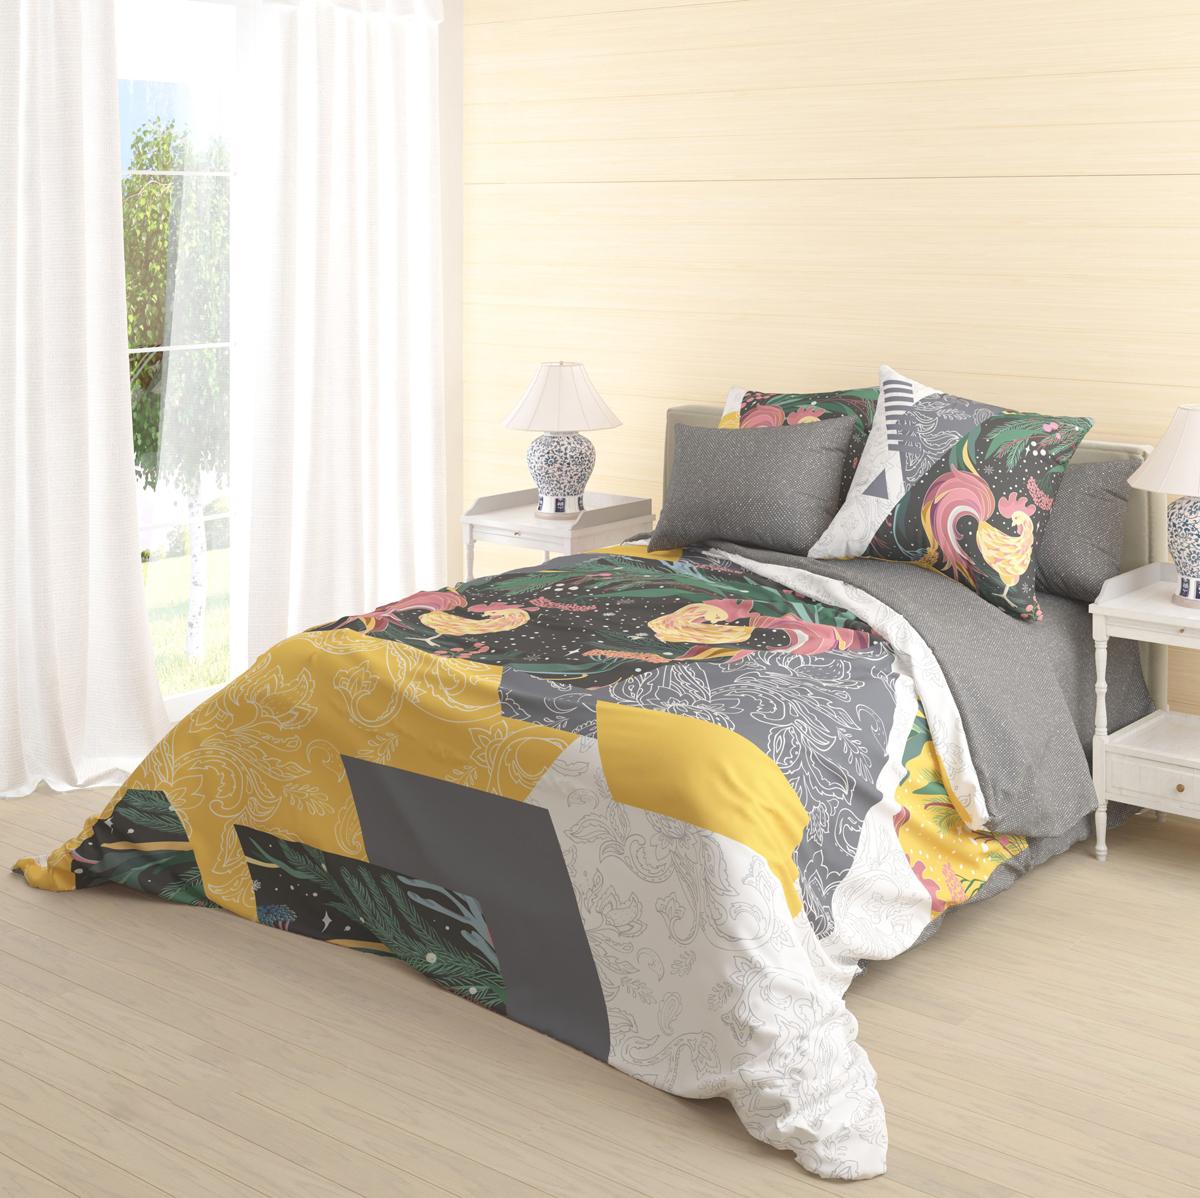 Комплект белья Волшебная ночь Zarya, 2-спальный, наволочки 70х70 см комплект белья волшебная ночь divo 2 спальный наволочки 70х70 см